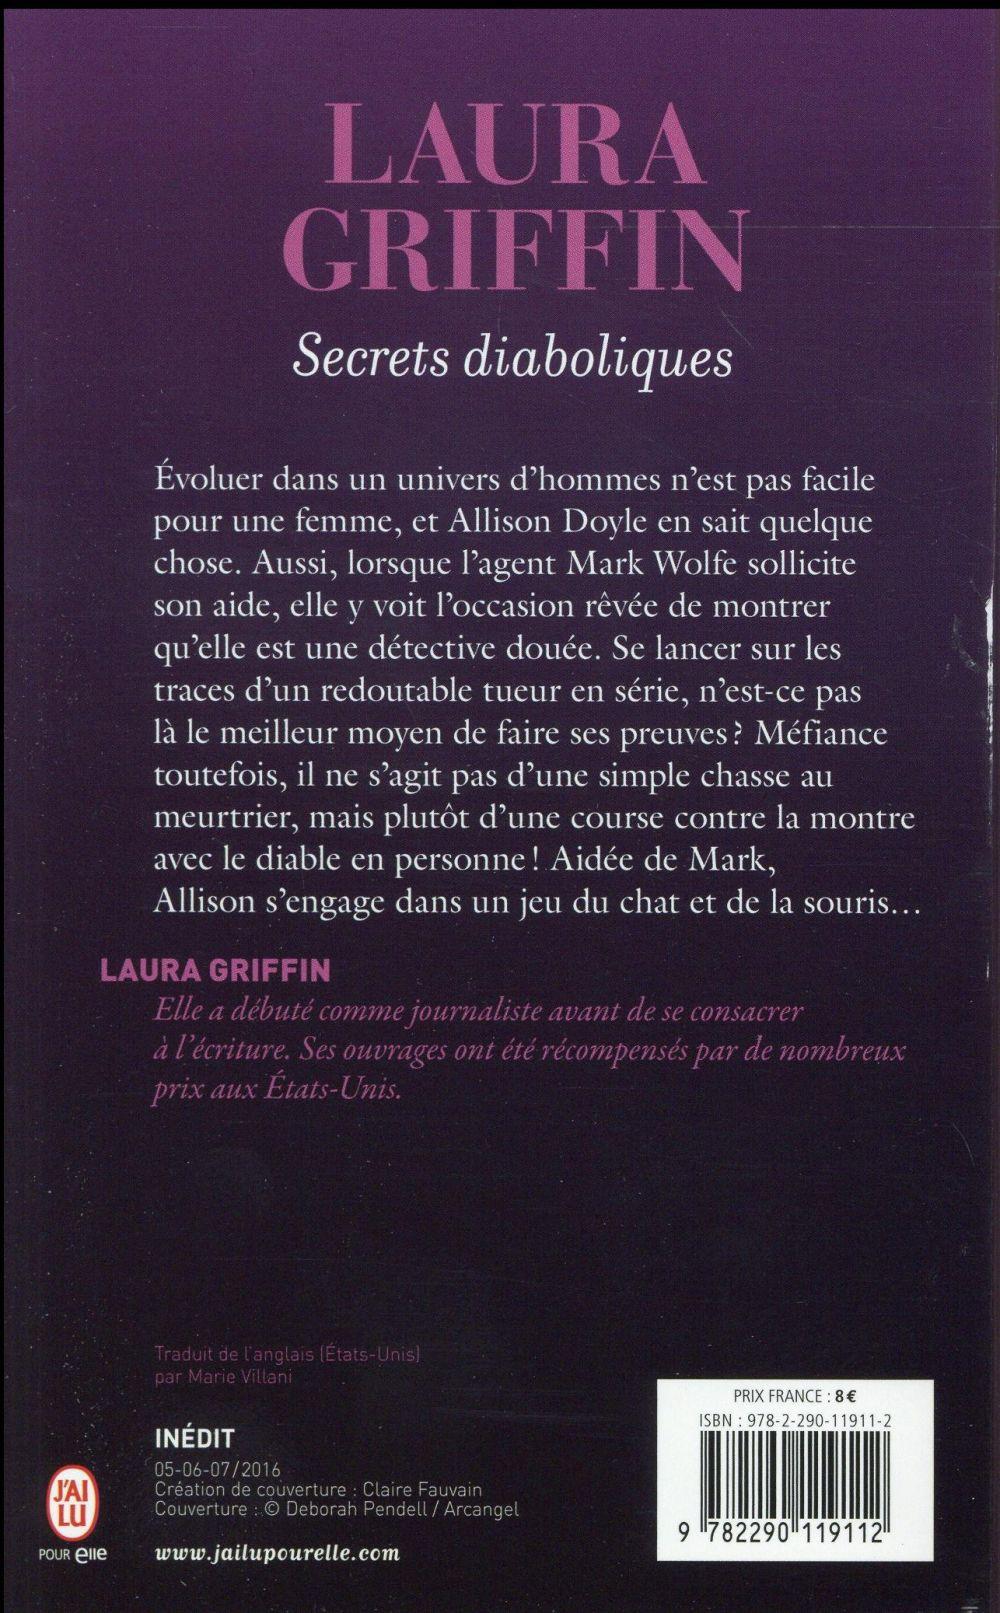 Secrets diaboliques